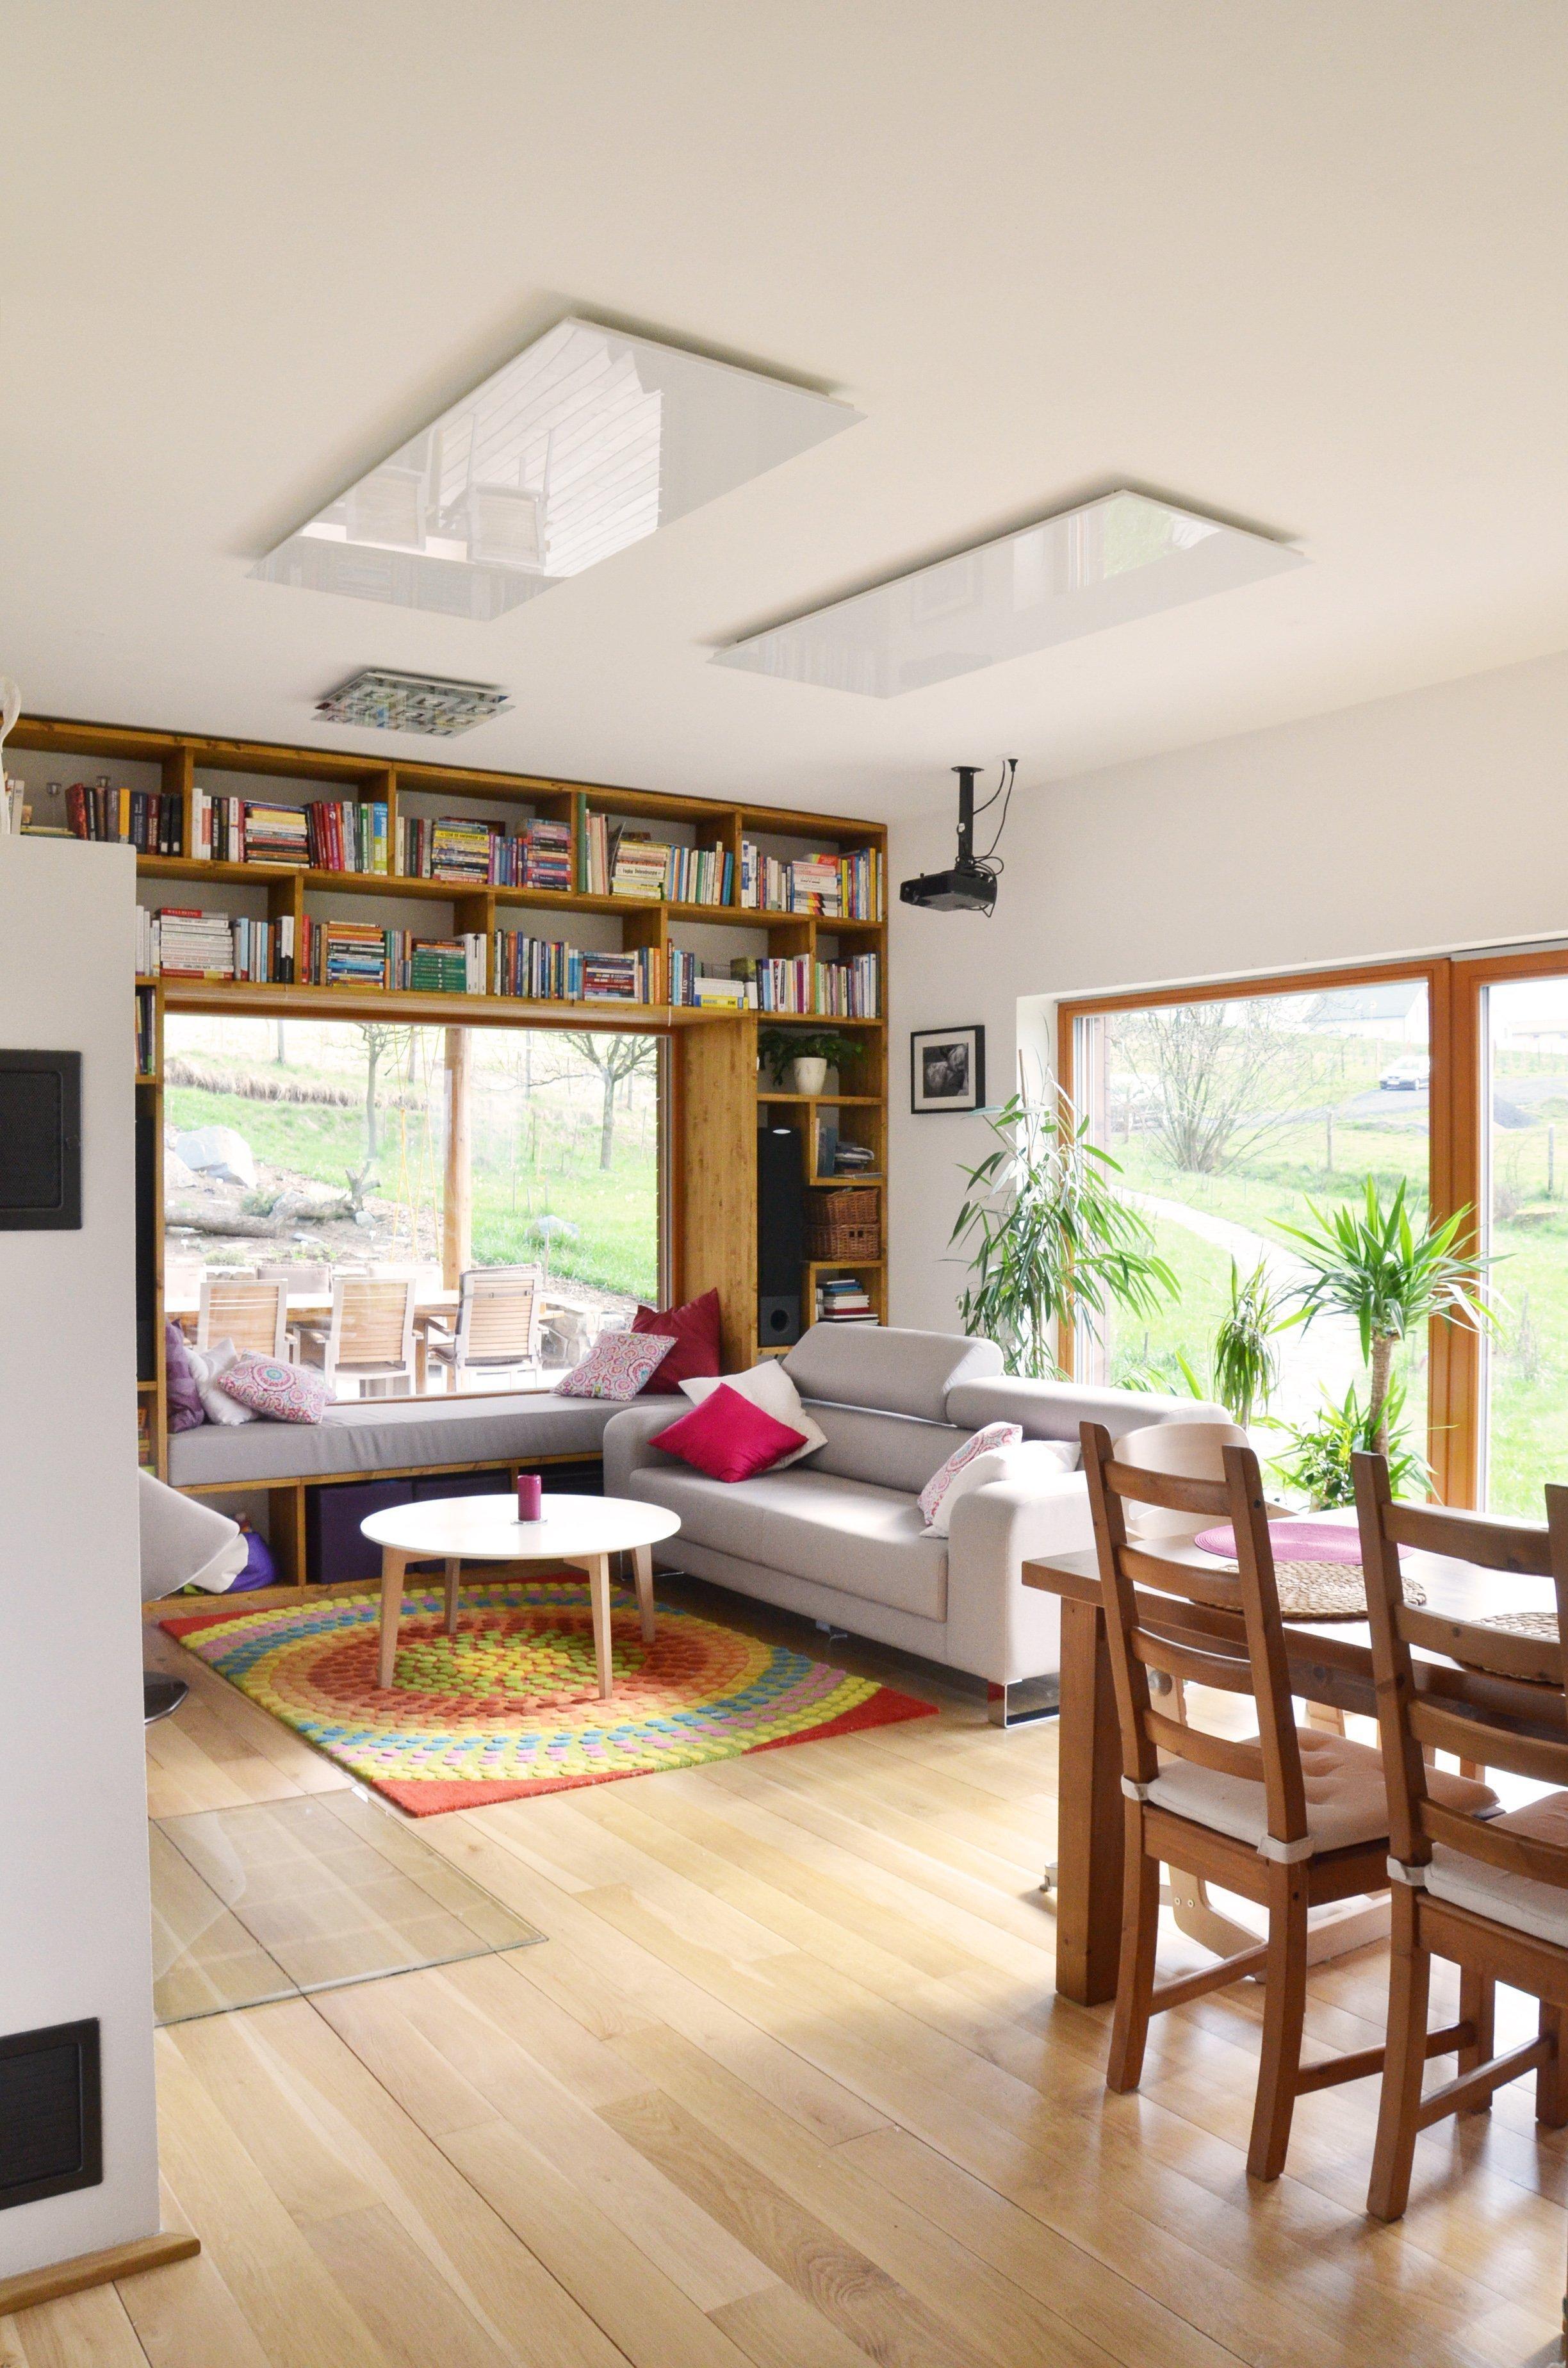 Obývací pokoj je moderní a dřevo je zde použito na nábytek